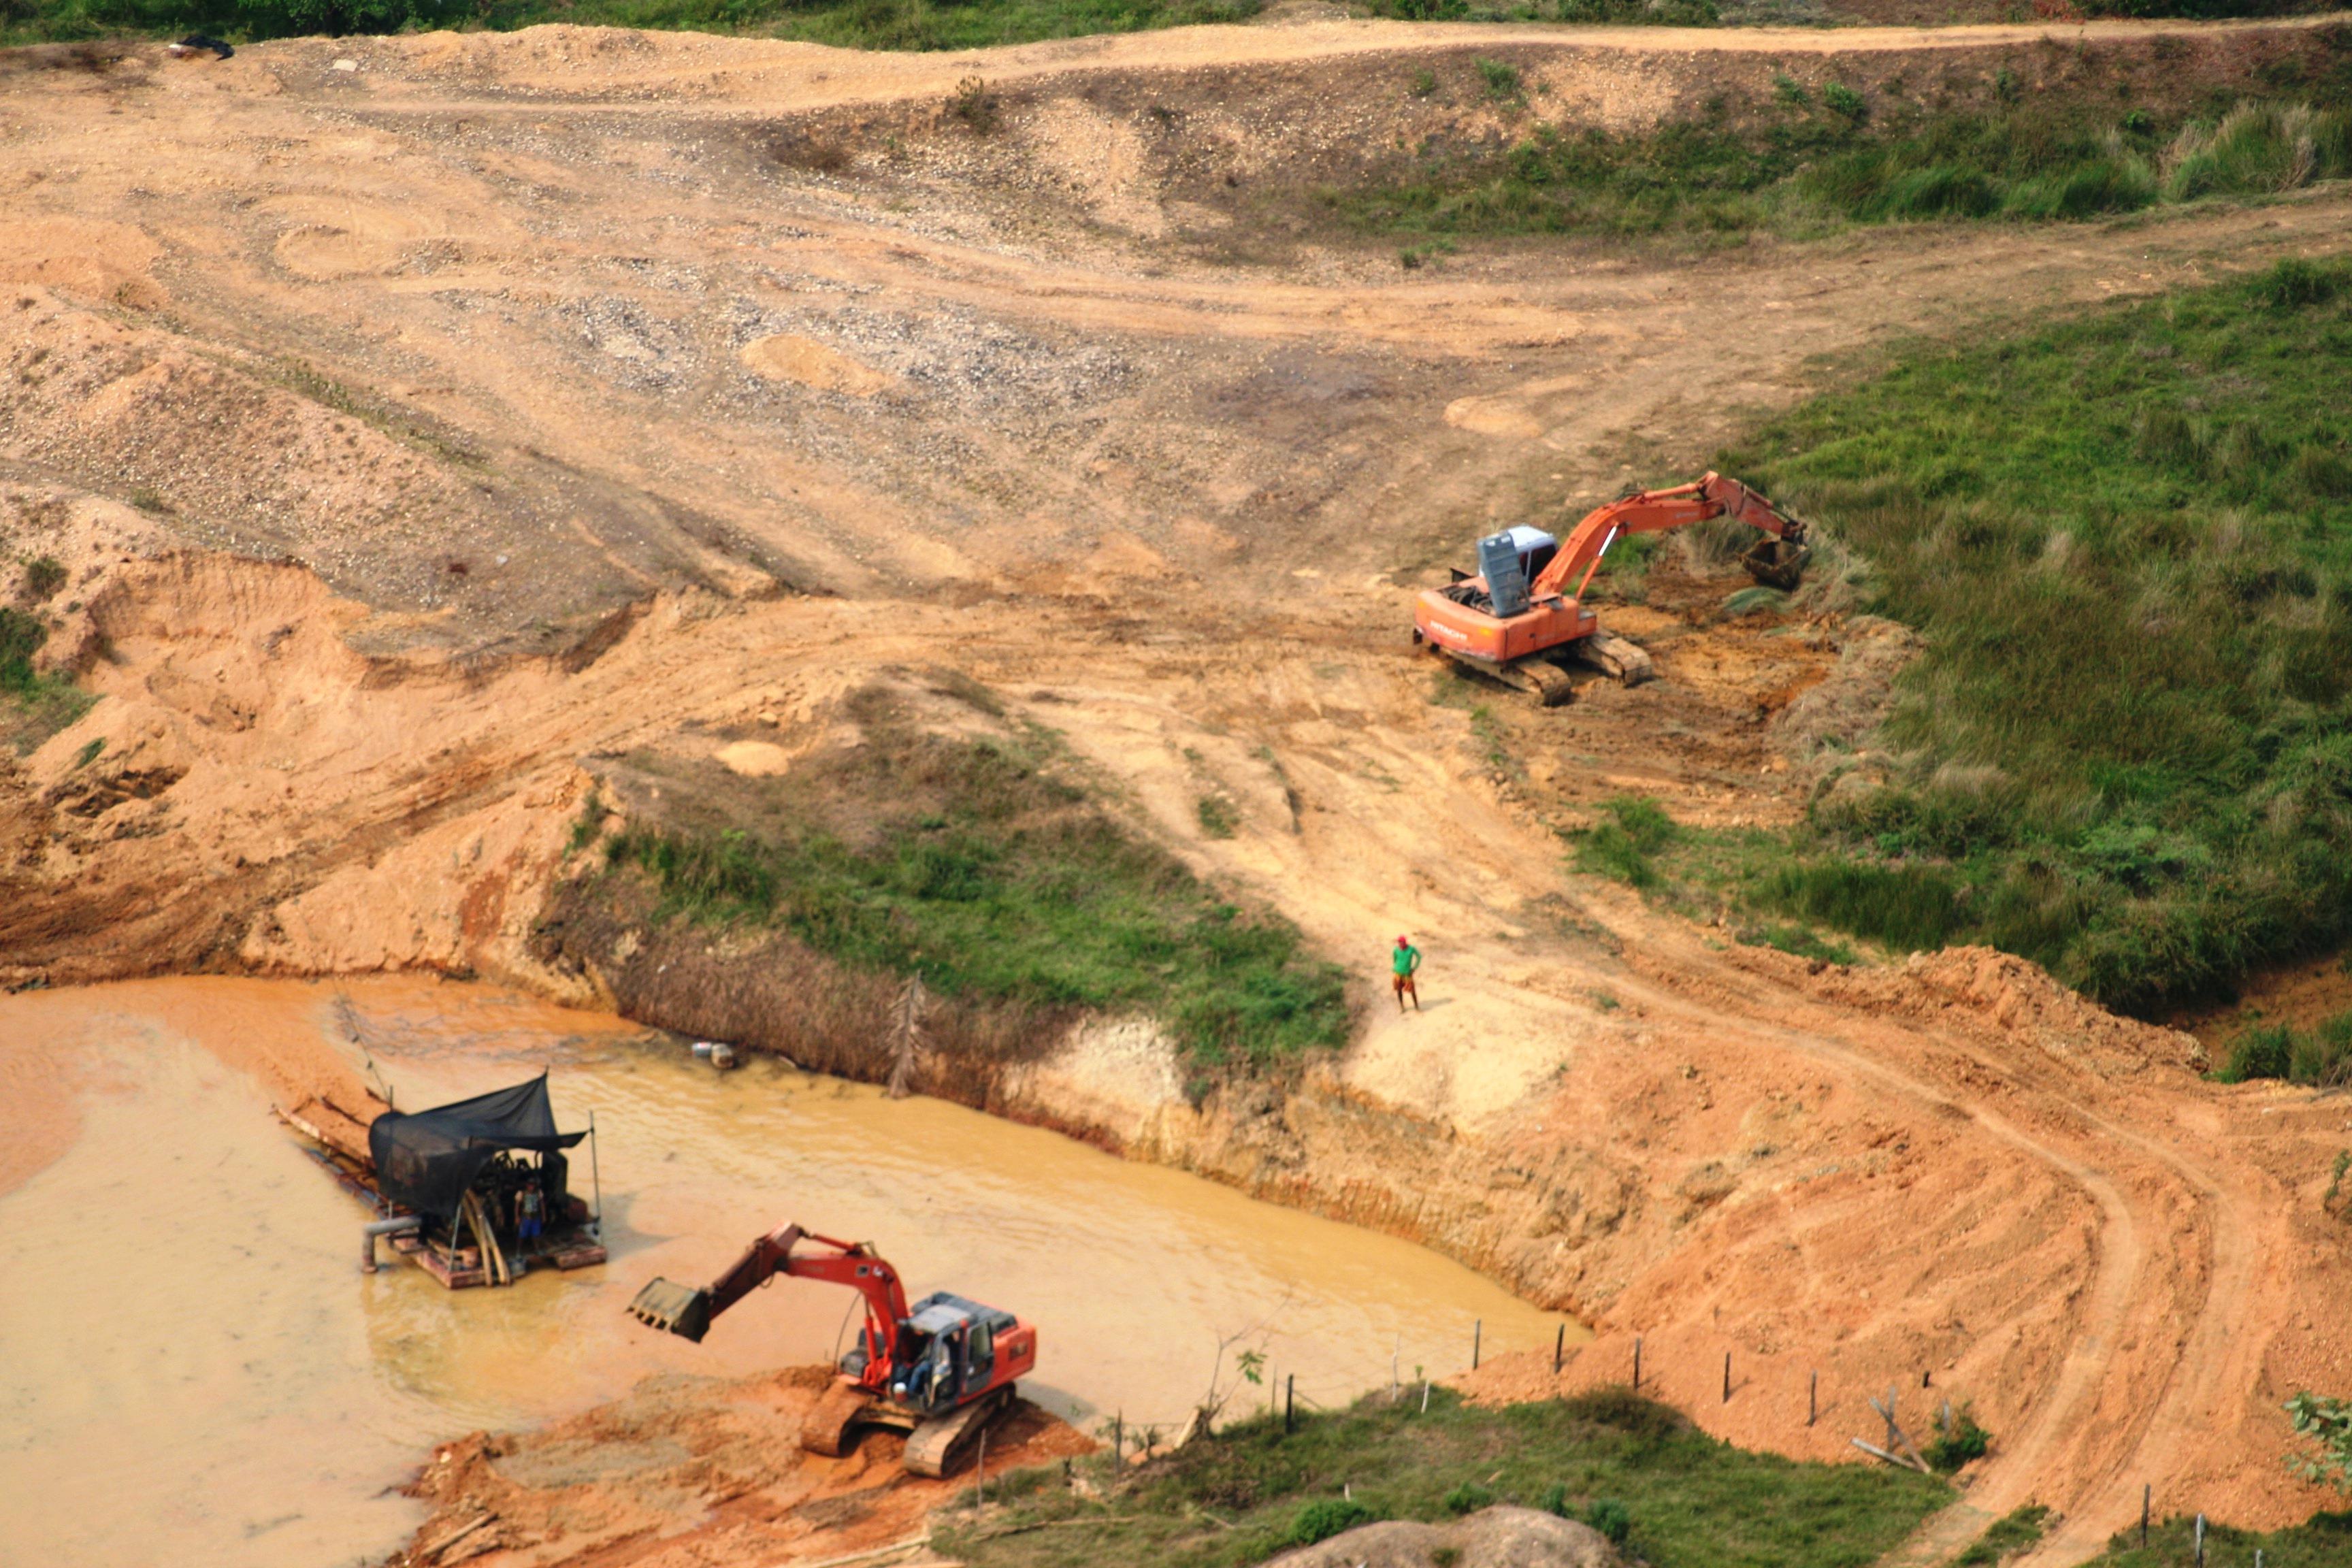 Continúa devastación de la jungla venezolana por actividades ilícitas